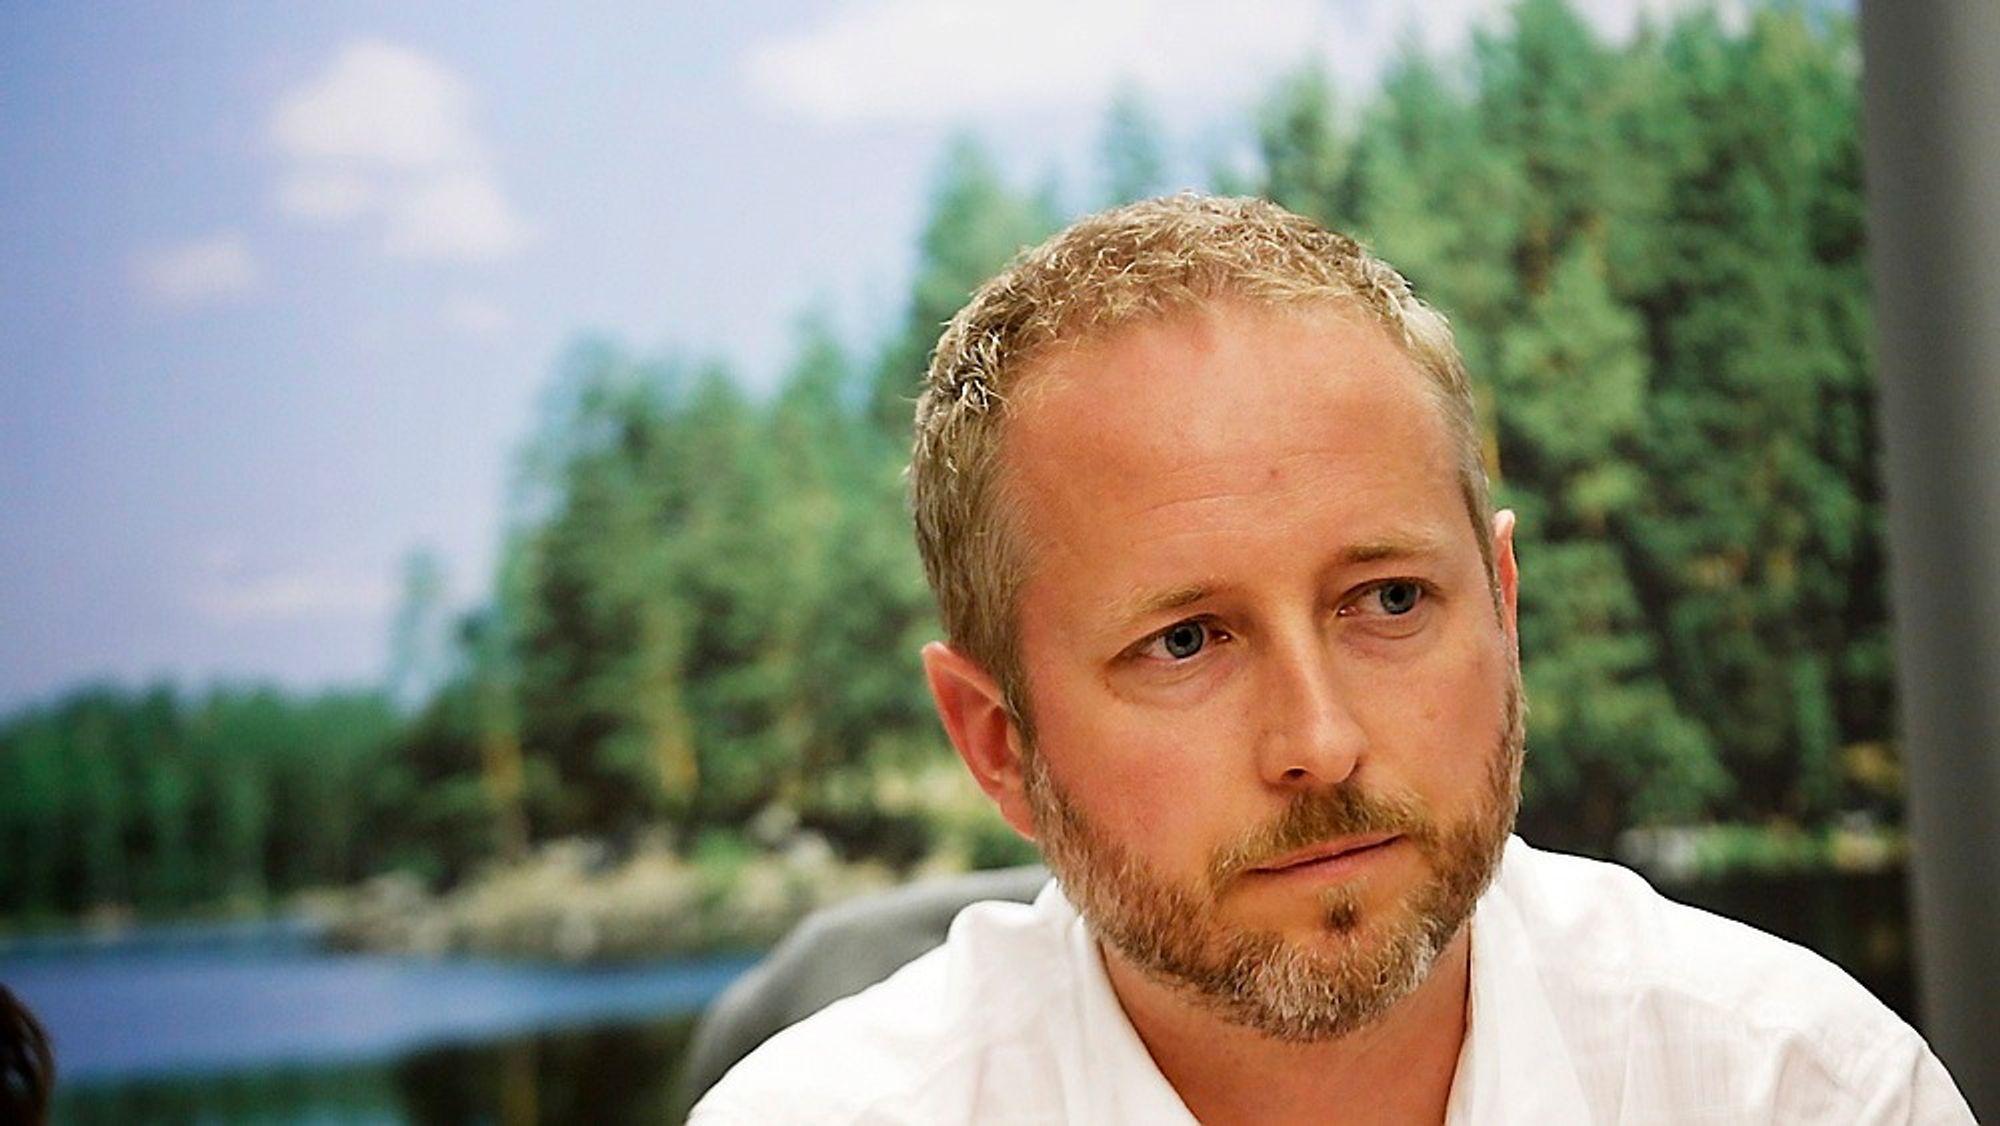 Miljøvernminister Bård Vegar Solhjell stiller seg fullt og helt bak de grønne sertifikatene, og er dermed uenig med tidligere statssekretær Heidi Sørensen.